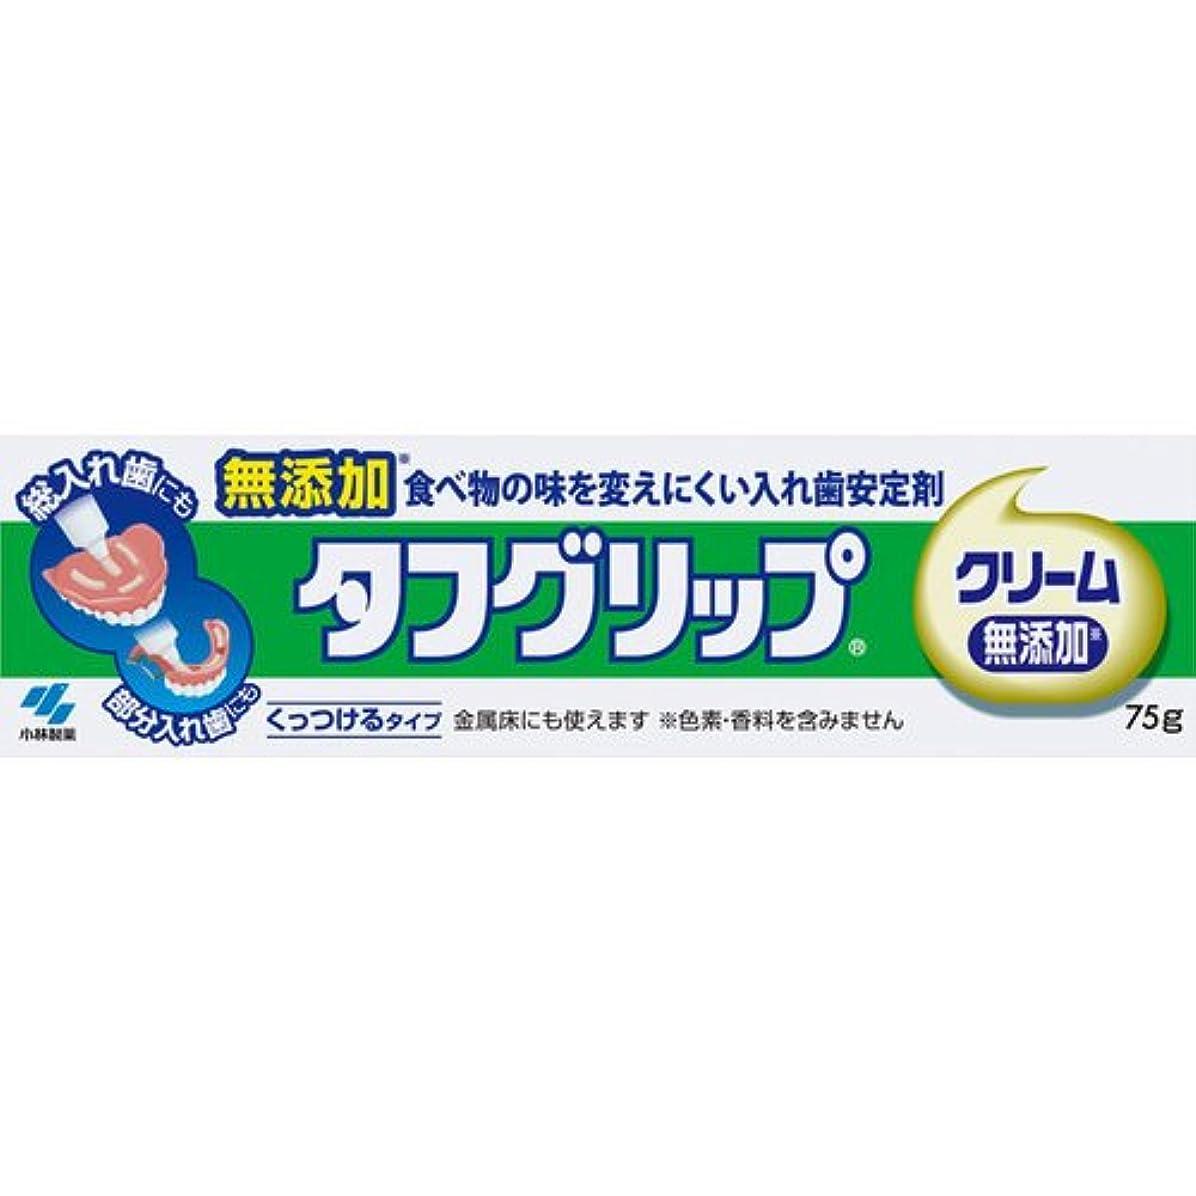 等叫ぶみなす【小林製薬】タフグリップクリーム 無添加 75g